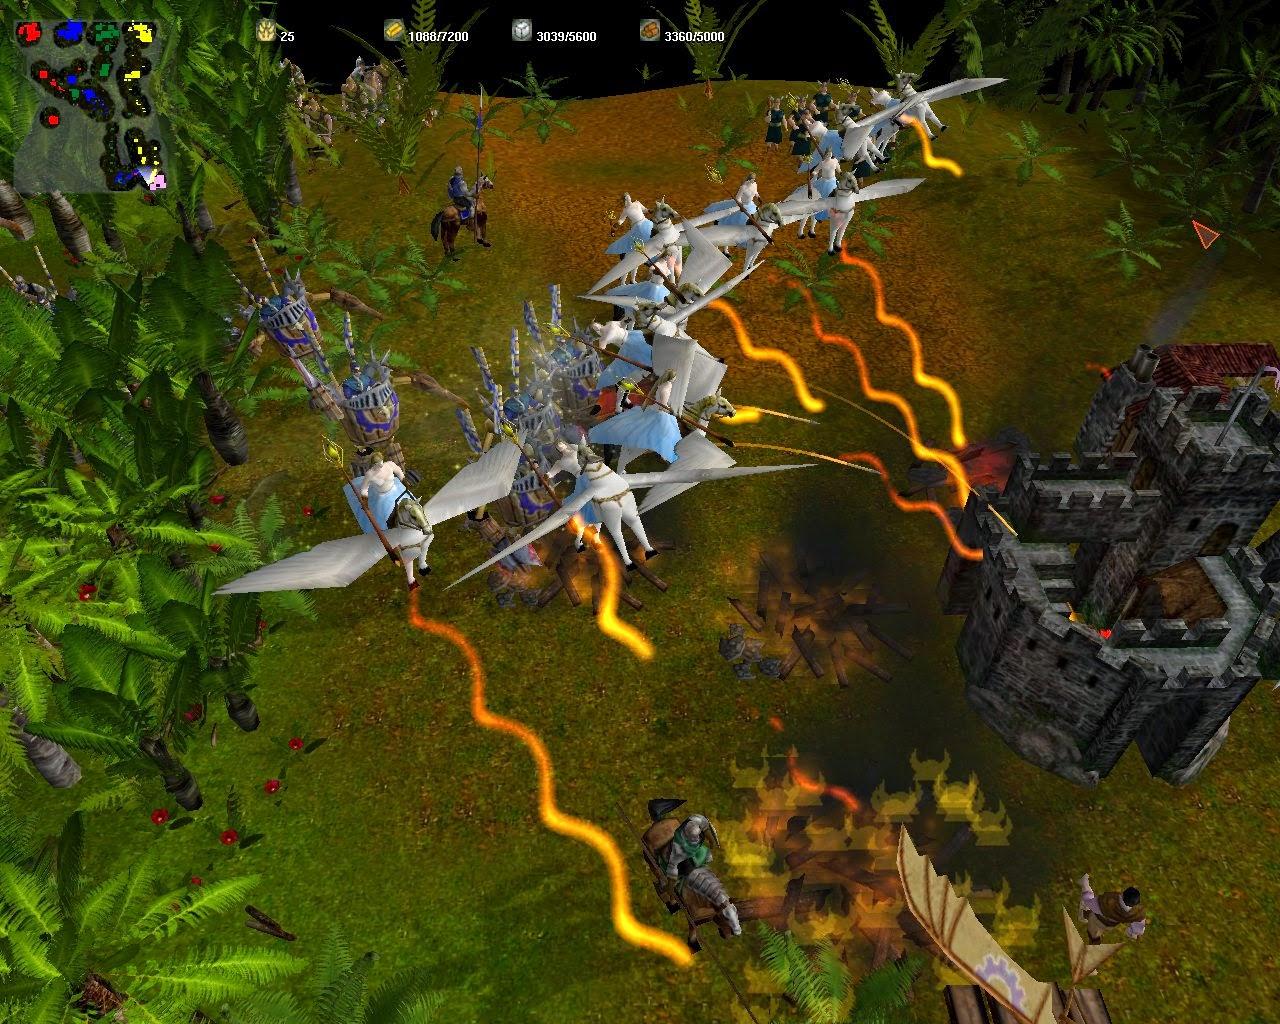 MegaGlest, otro juego de estrategia para Ubuntu, juego estrategia en español, juego como 0ad ubuntu